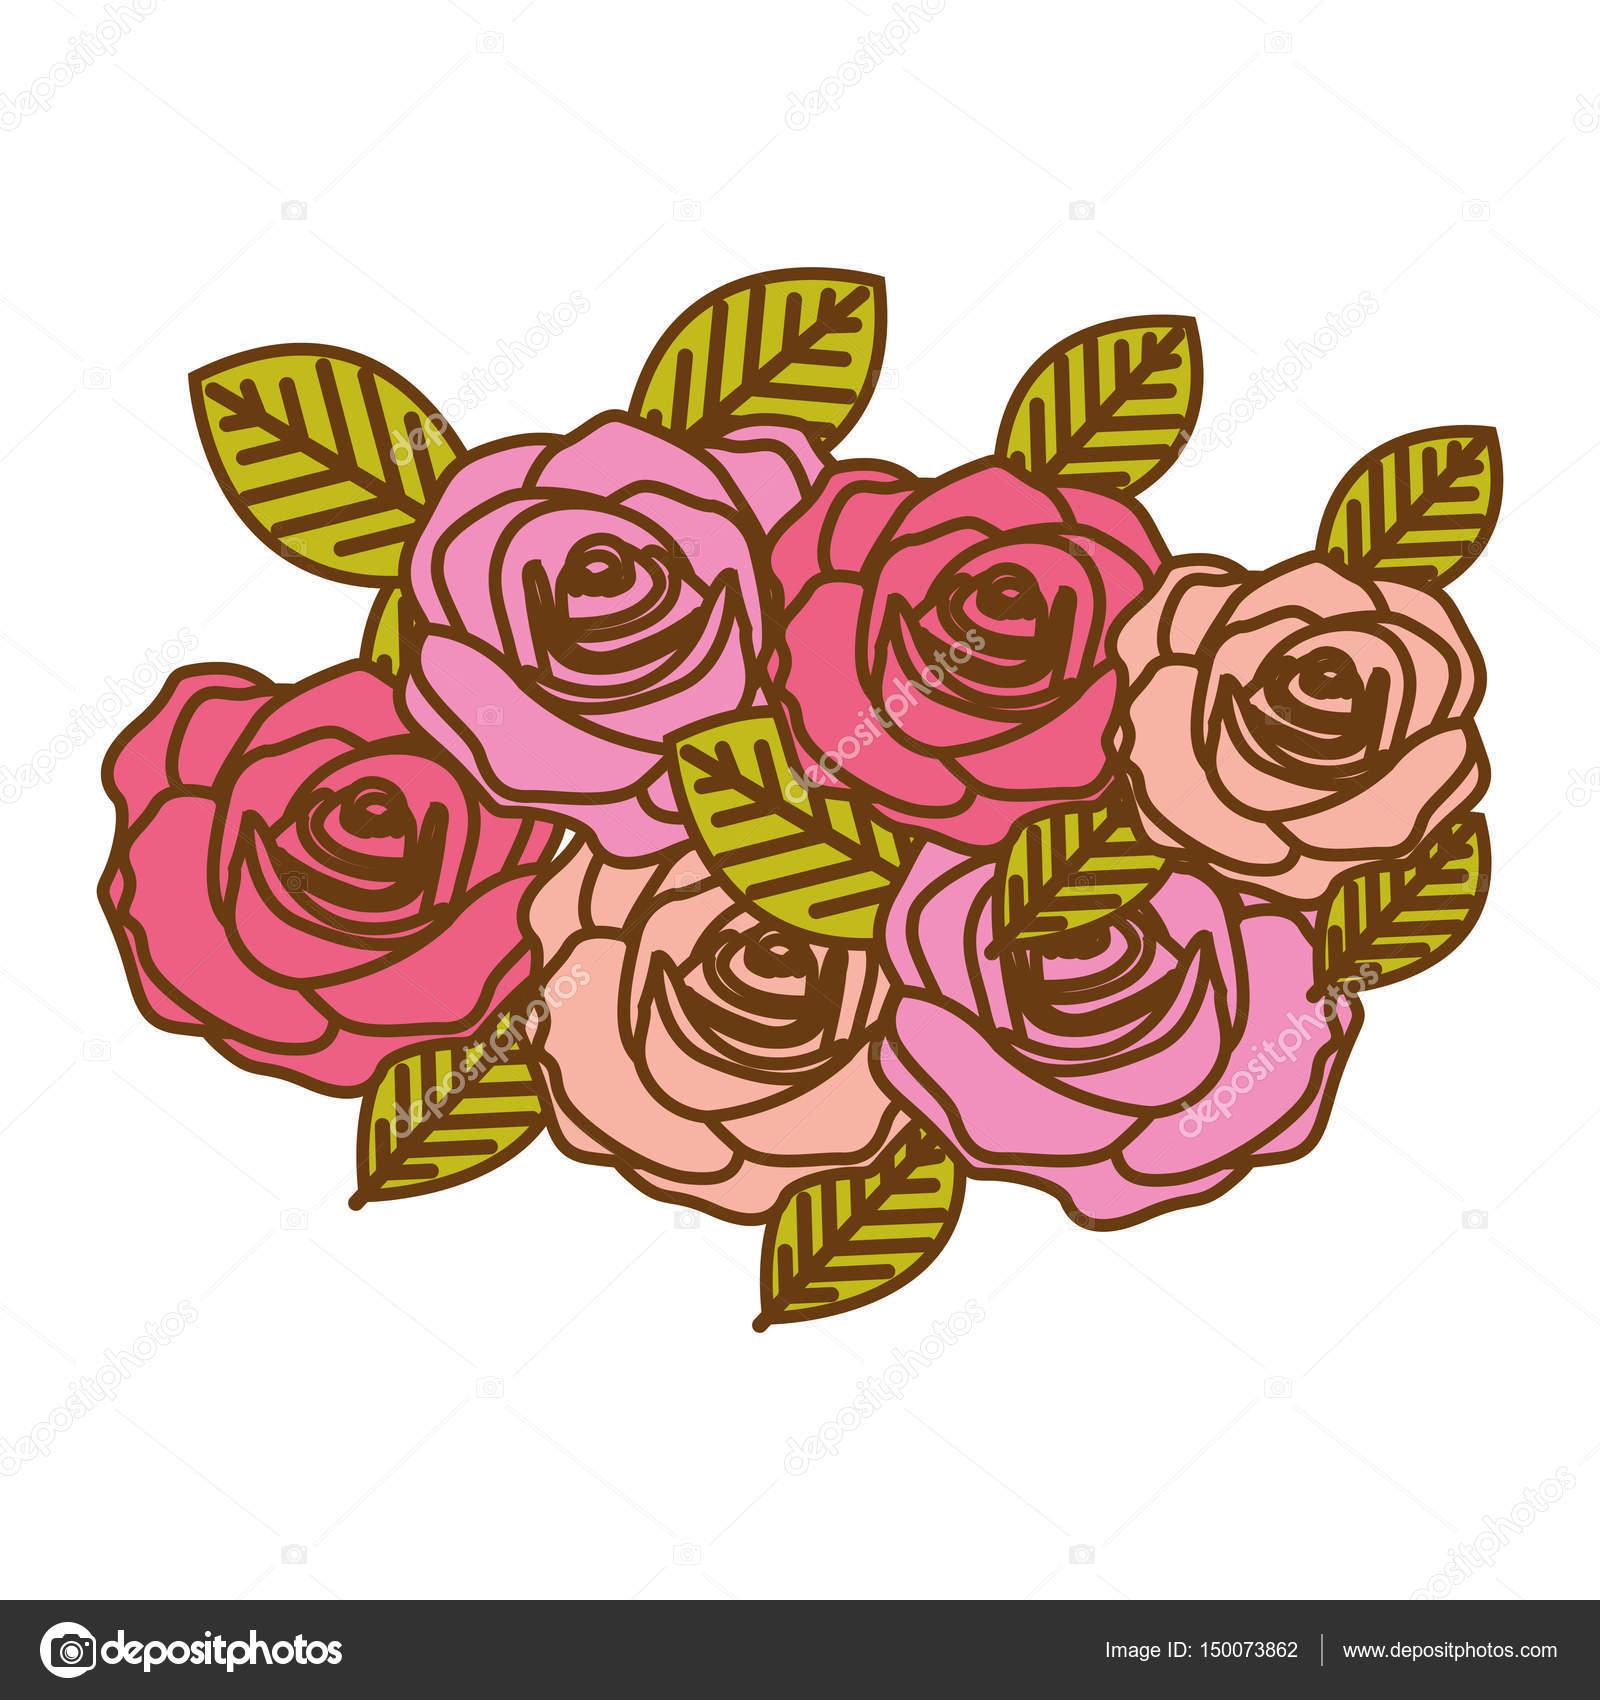 Disegno Decorativo Del Mazzo Di Rose Variopinte Realistiche